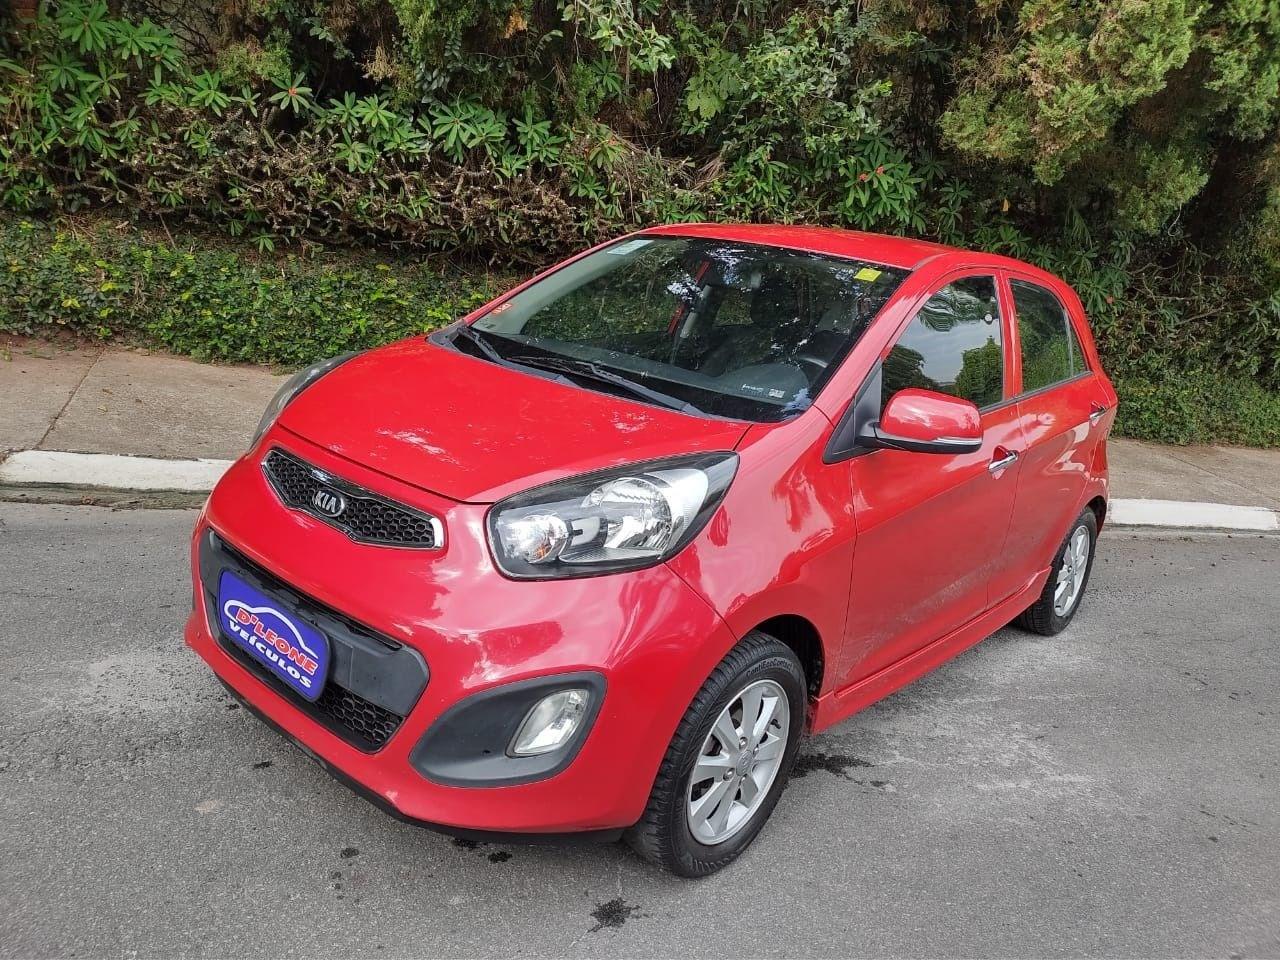 //www.autoline.com.br/carro/kia/picanto-10-ex-12v-flex-4p-manual/2014/sao-paulo-sp/15746928